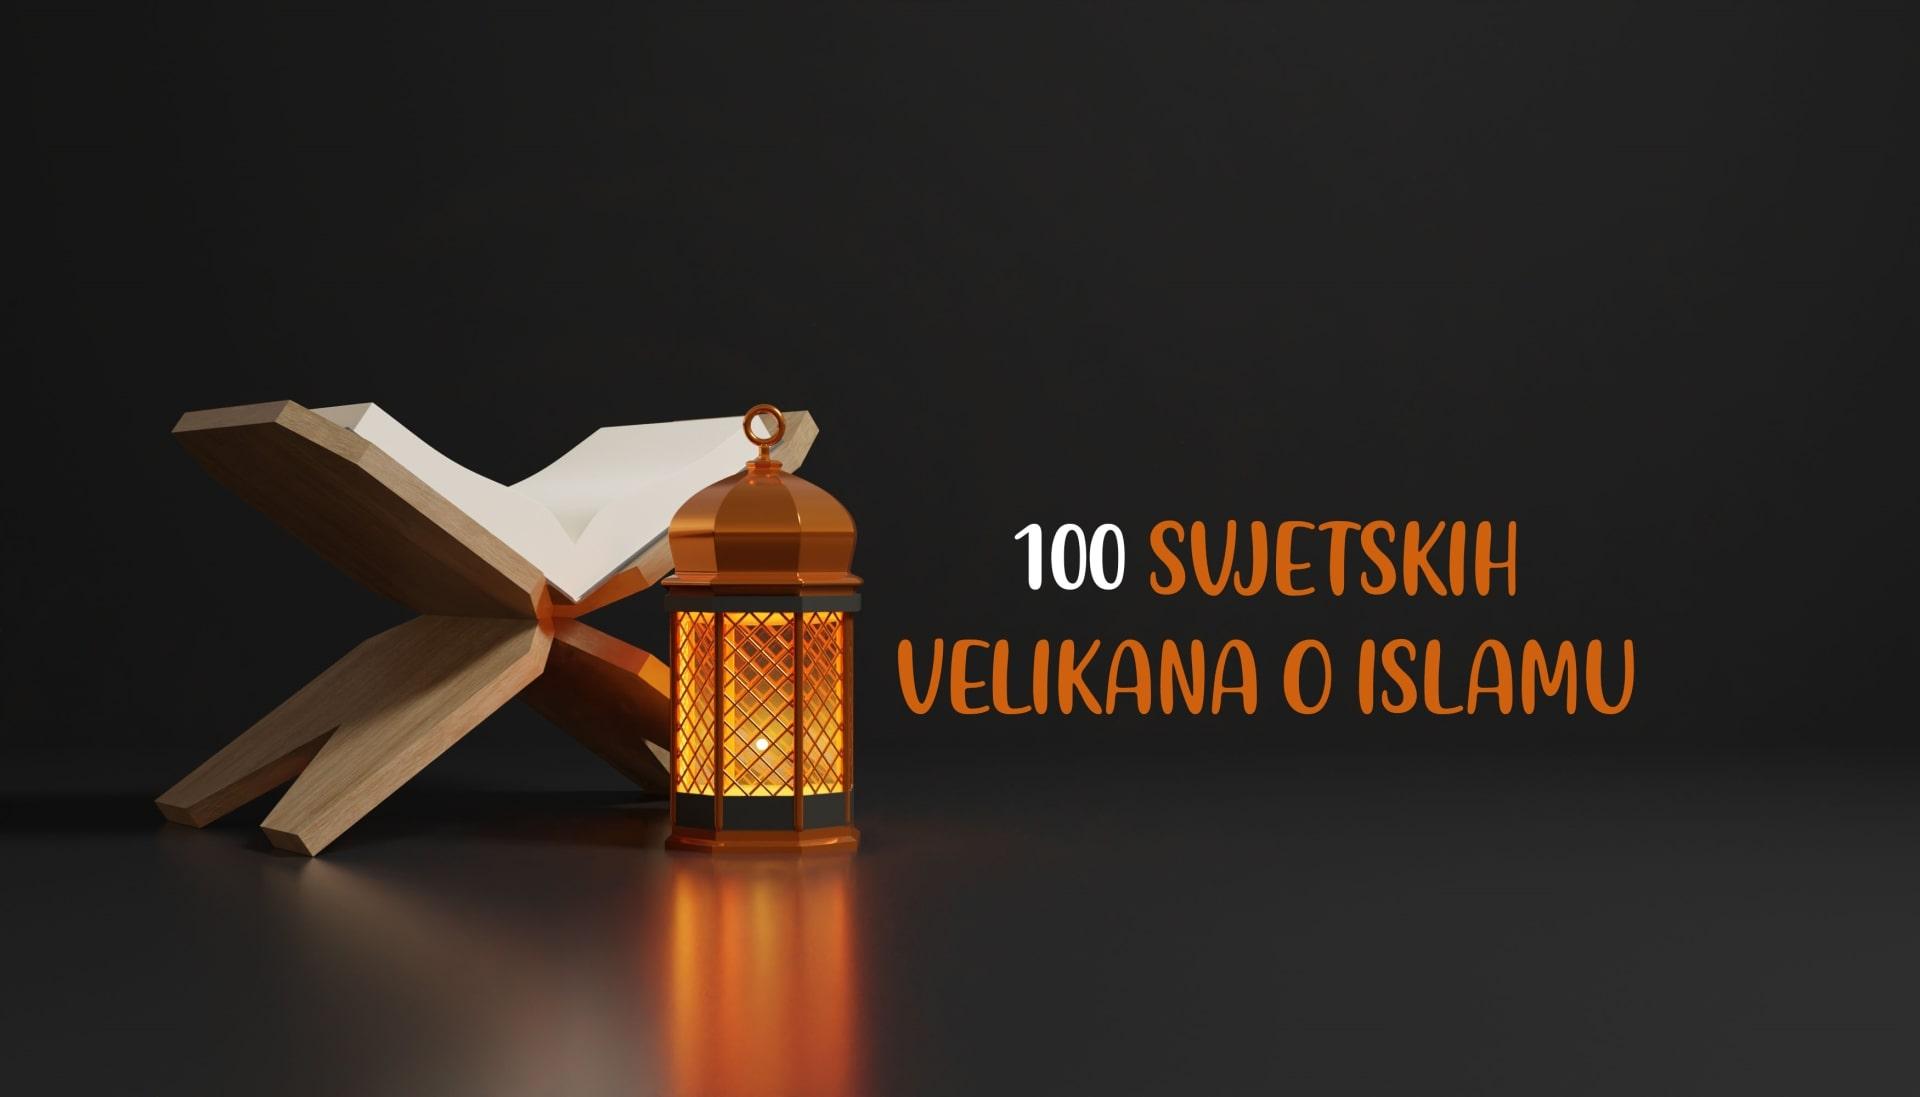 100 svjetskih velikana o islamu – C. H. Beker